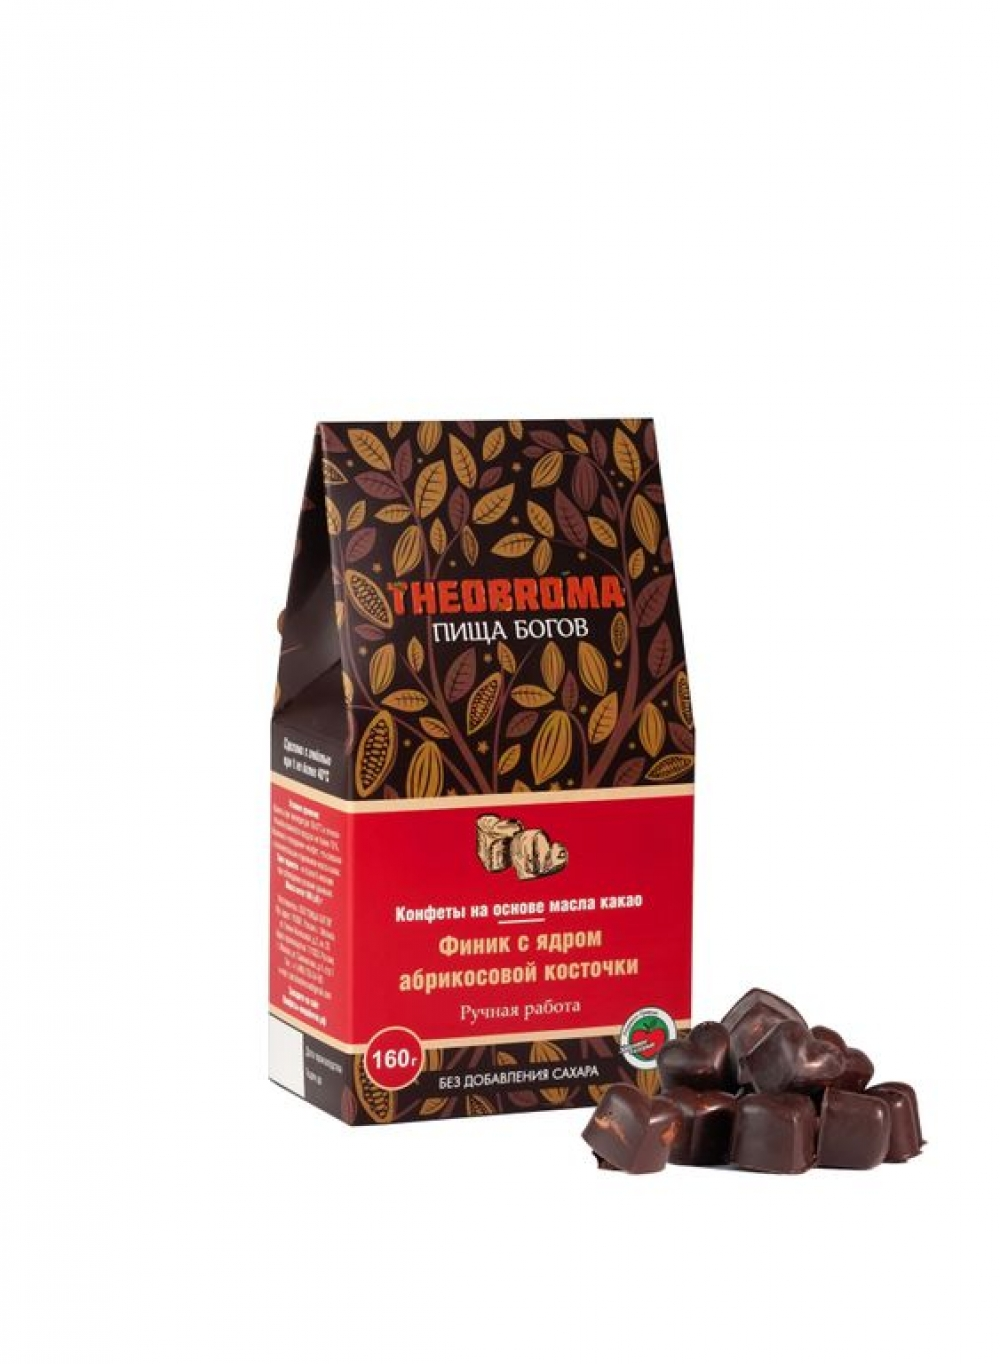 """Конфеты без сахара """"Финик в шоколаде"""" THEOBROMA, 160гр."""